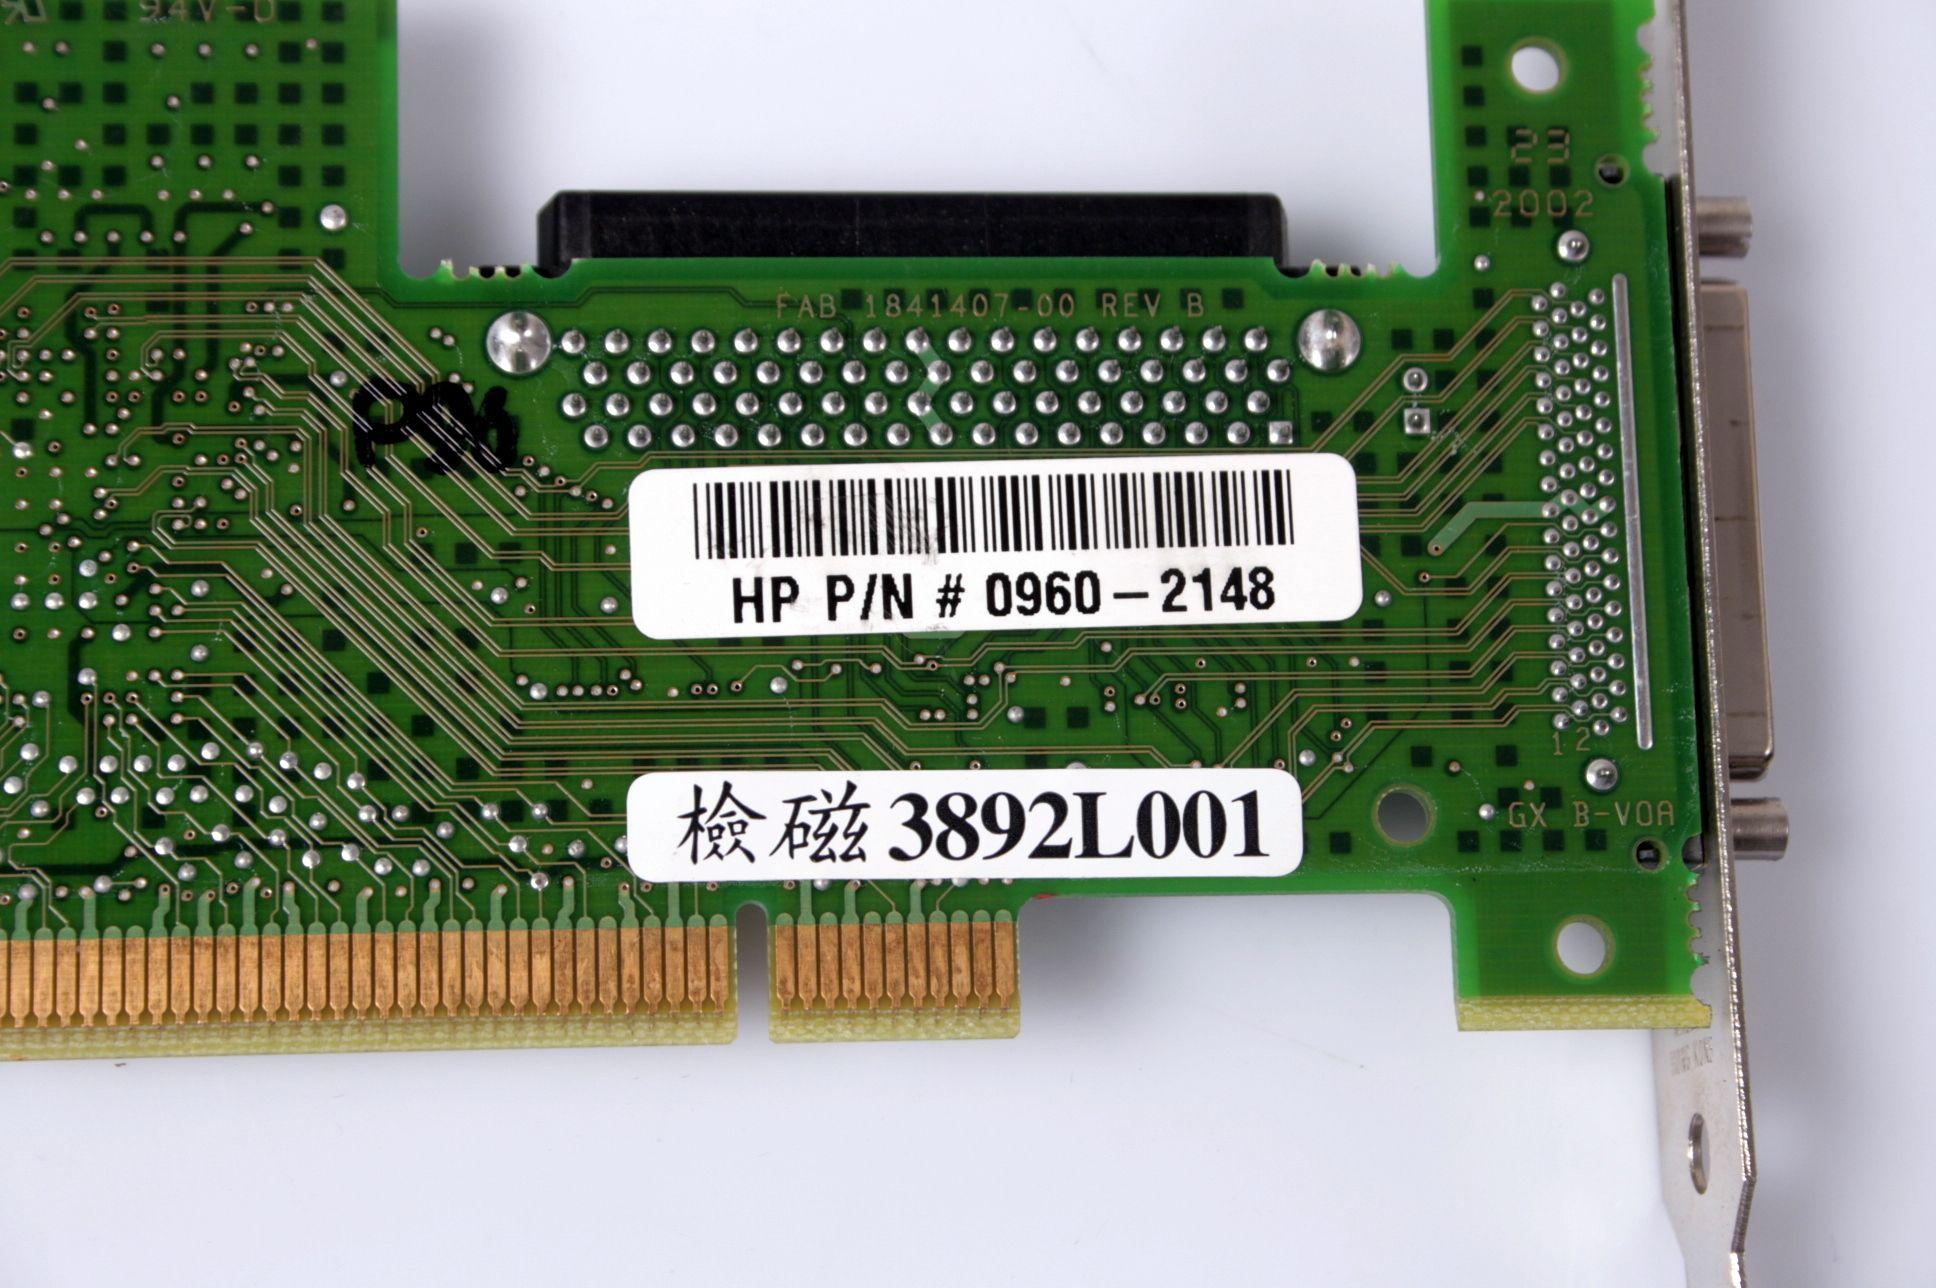 Adaptec ASC-29160LP U160 Ultra160 SCSI RAID Card Controller 3892L001